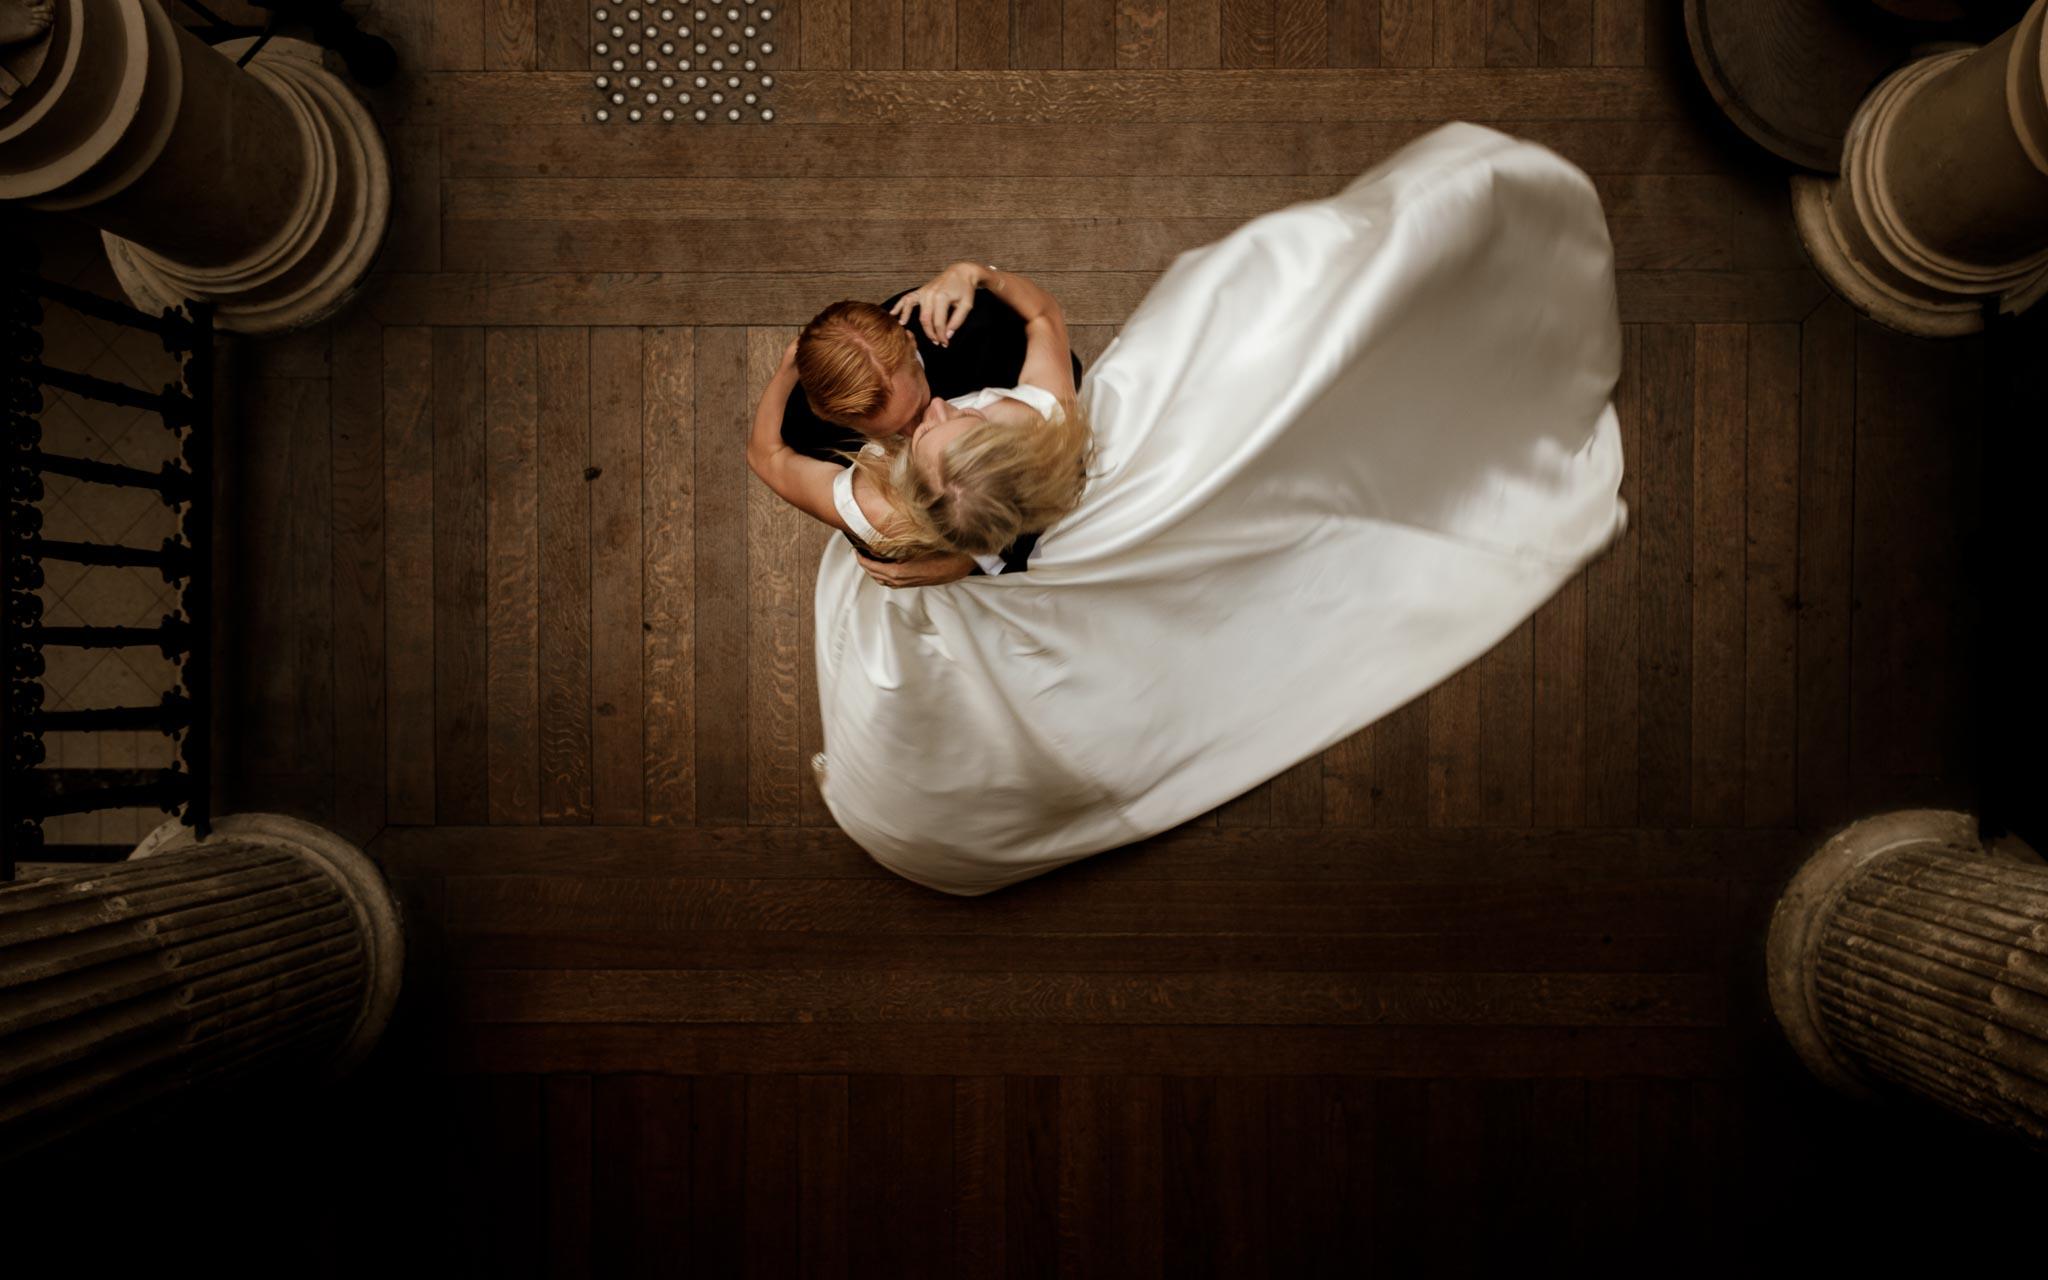 photo d'une séance de couple day-after romantique & onirique inspirée des univers de la mode et de la littérature au Passage Pommeraye à Nantes par Geoffrey Arnoldy photographe